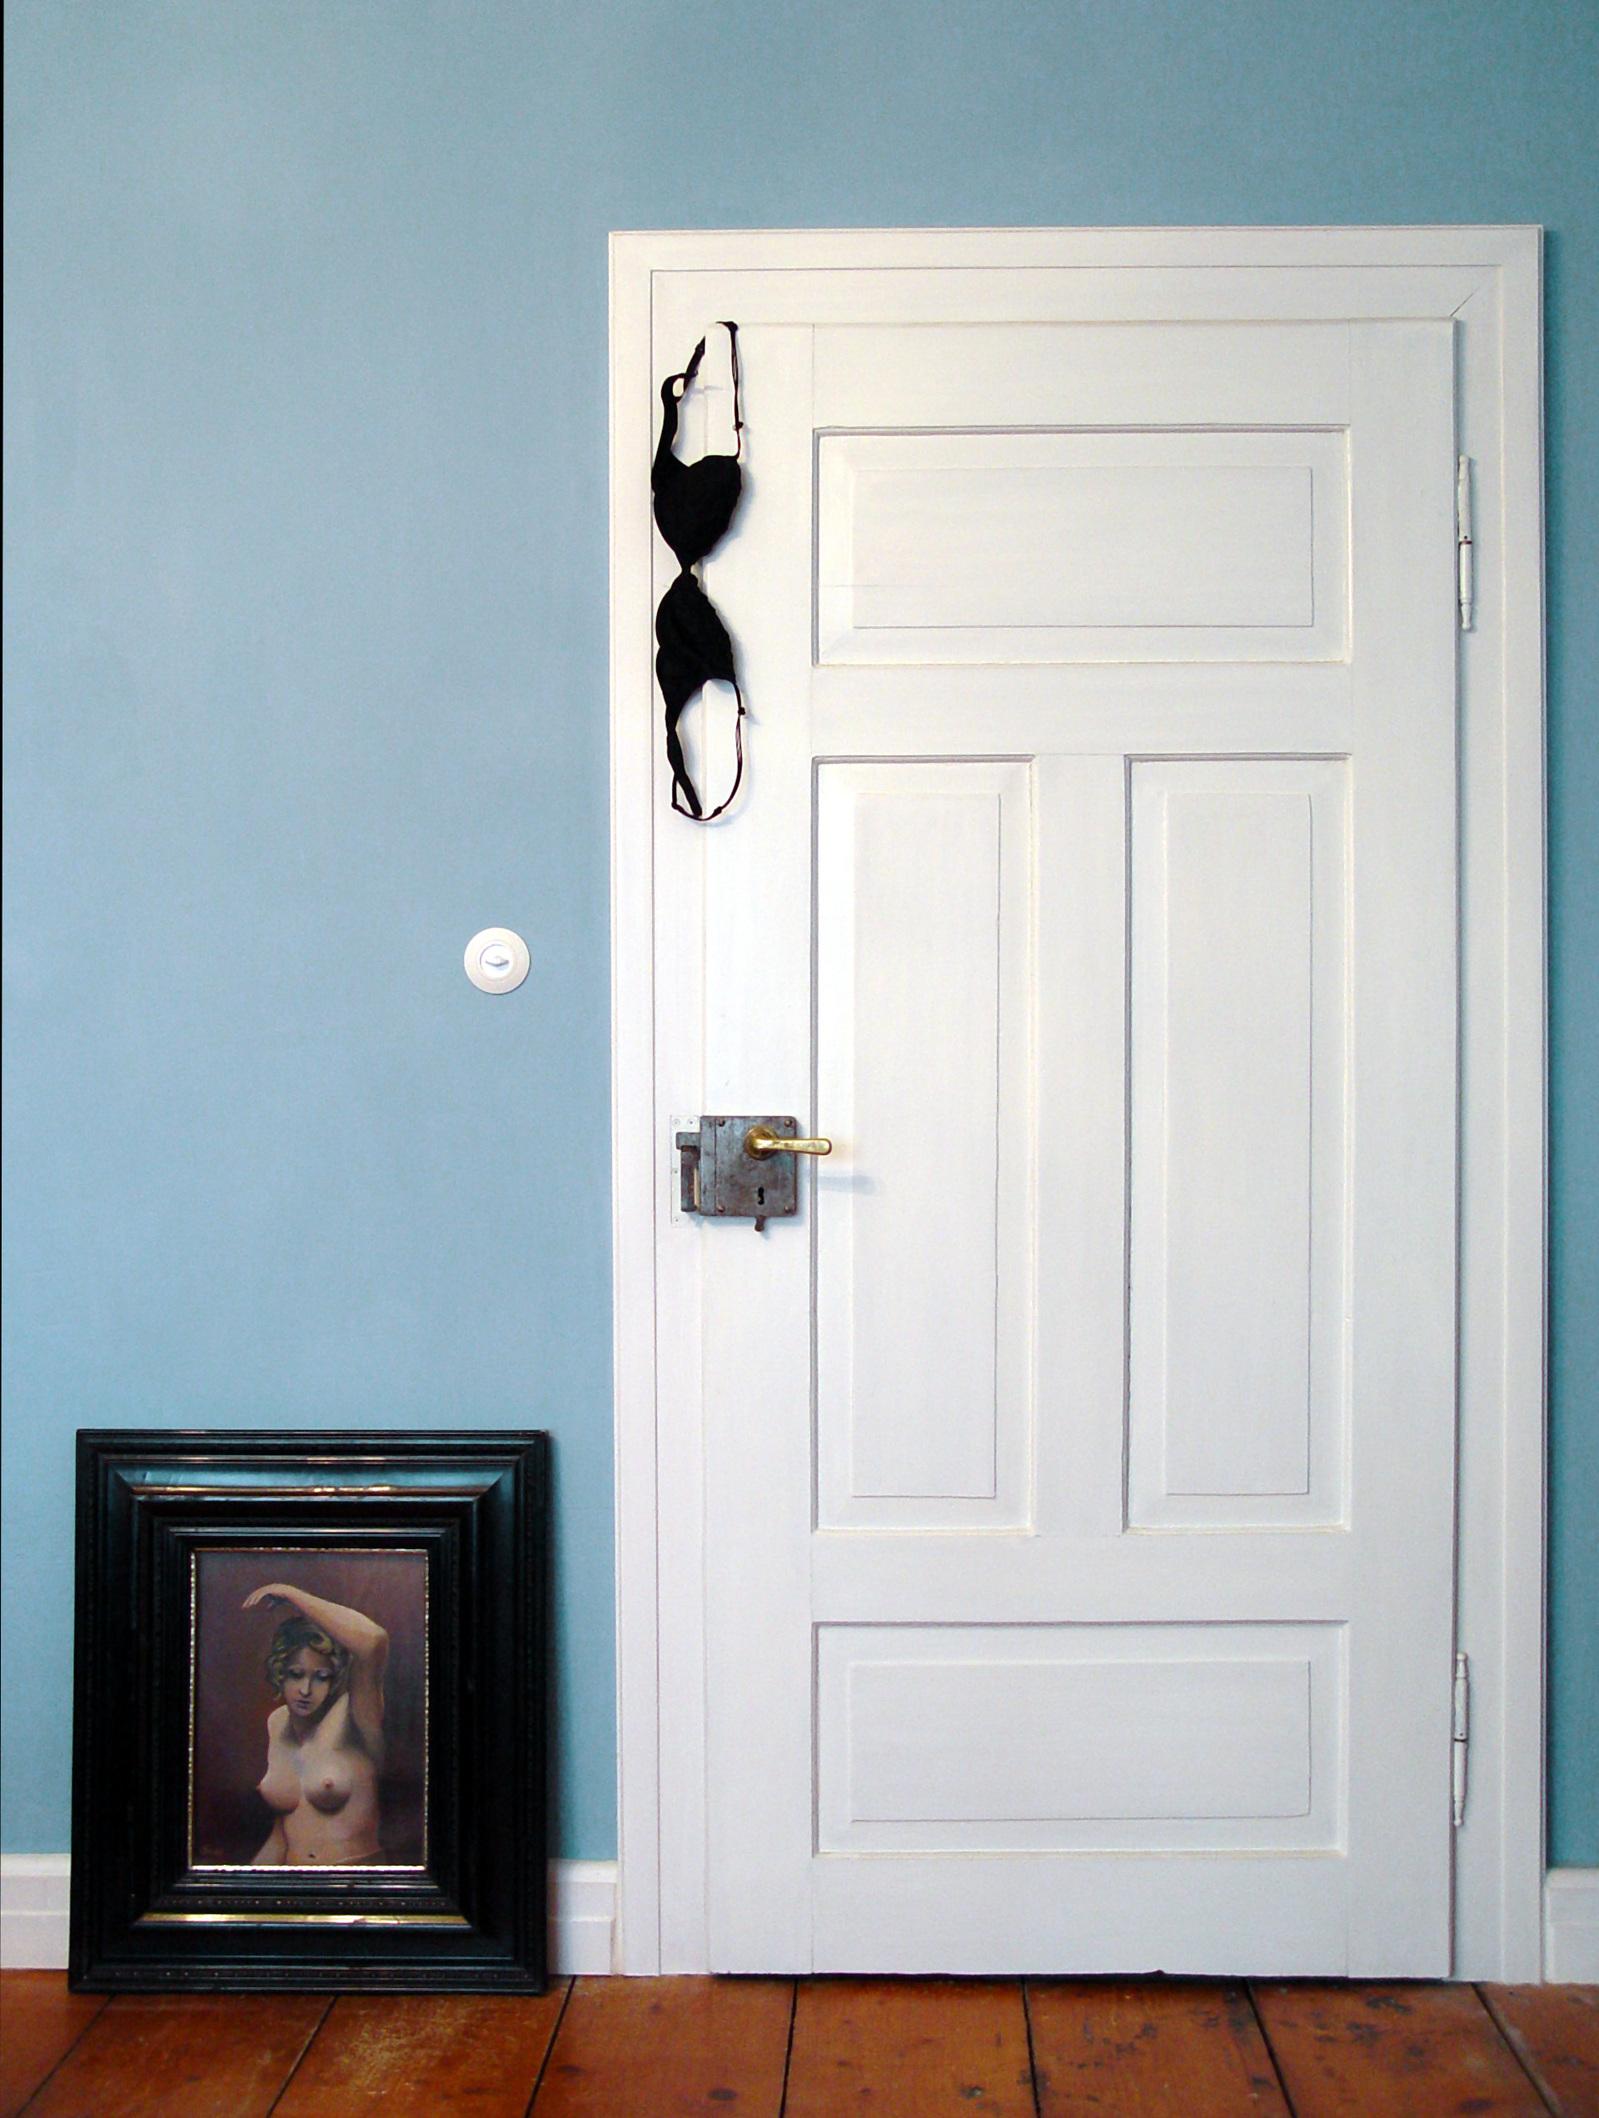 behind-bedroom-doors-iii-1234193-1599x2117